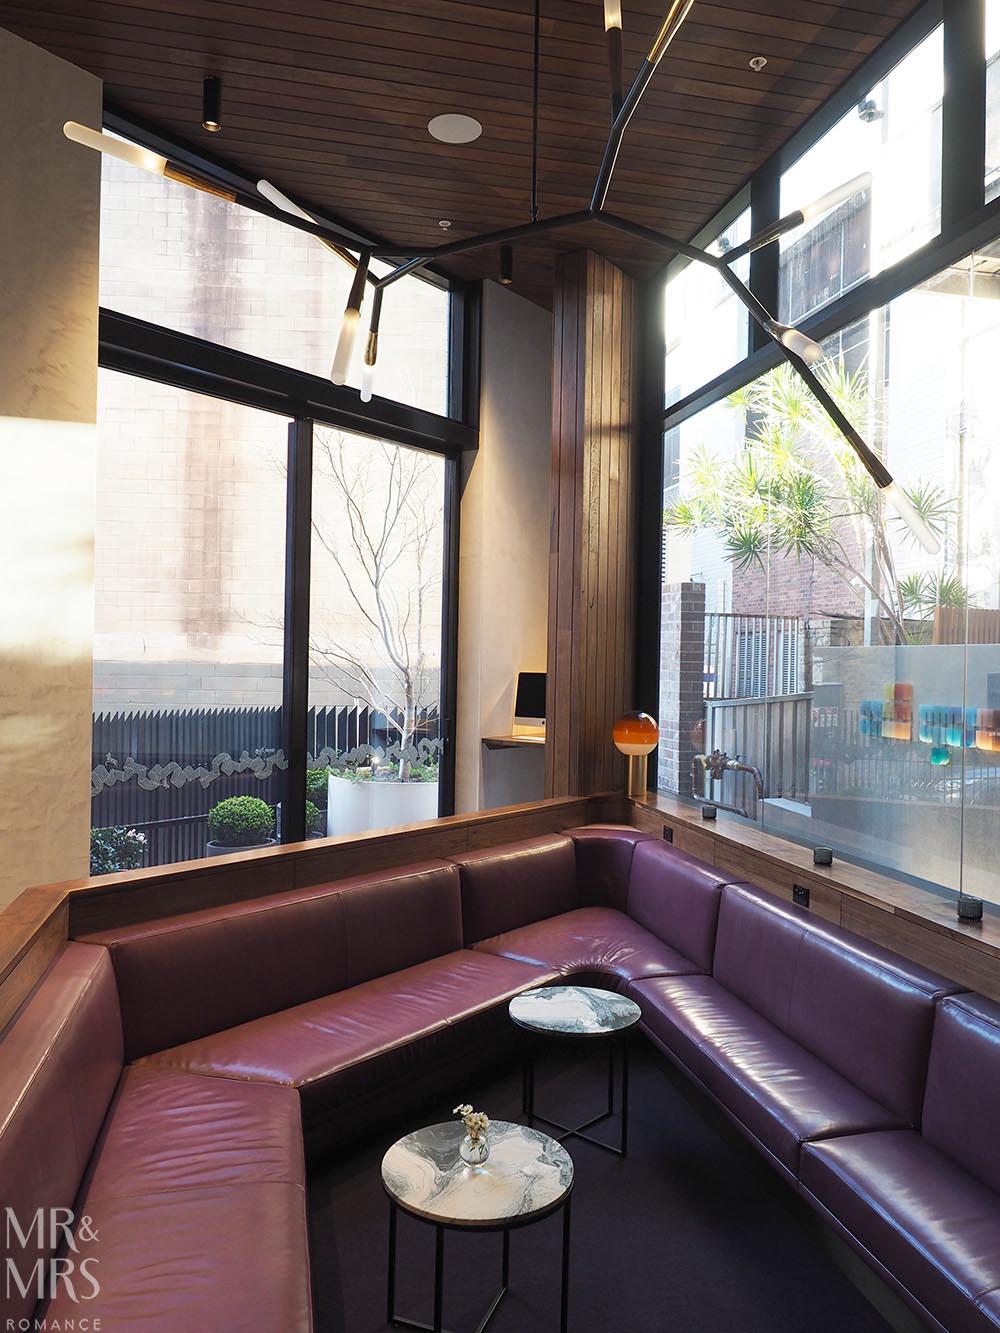 Little Albion Guest House Review - Surry Hills boutique hotel